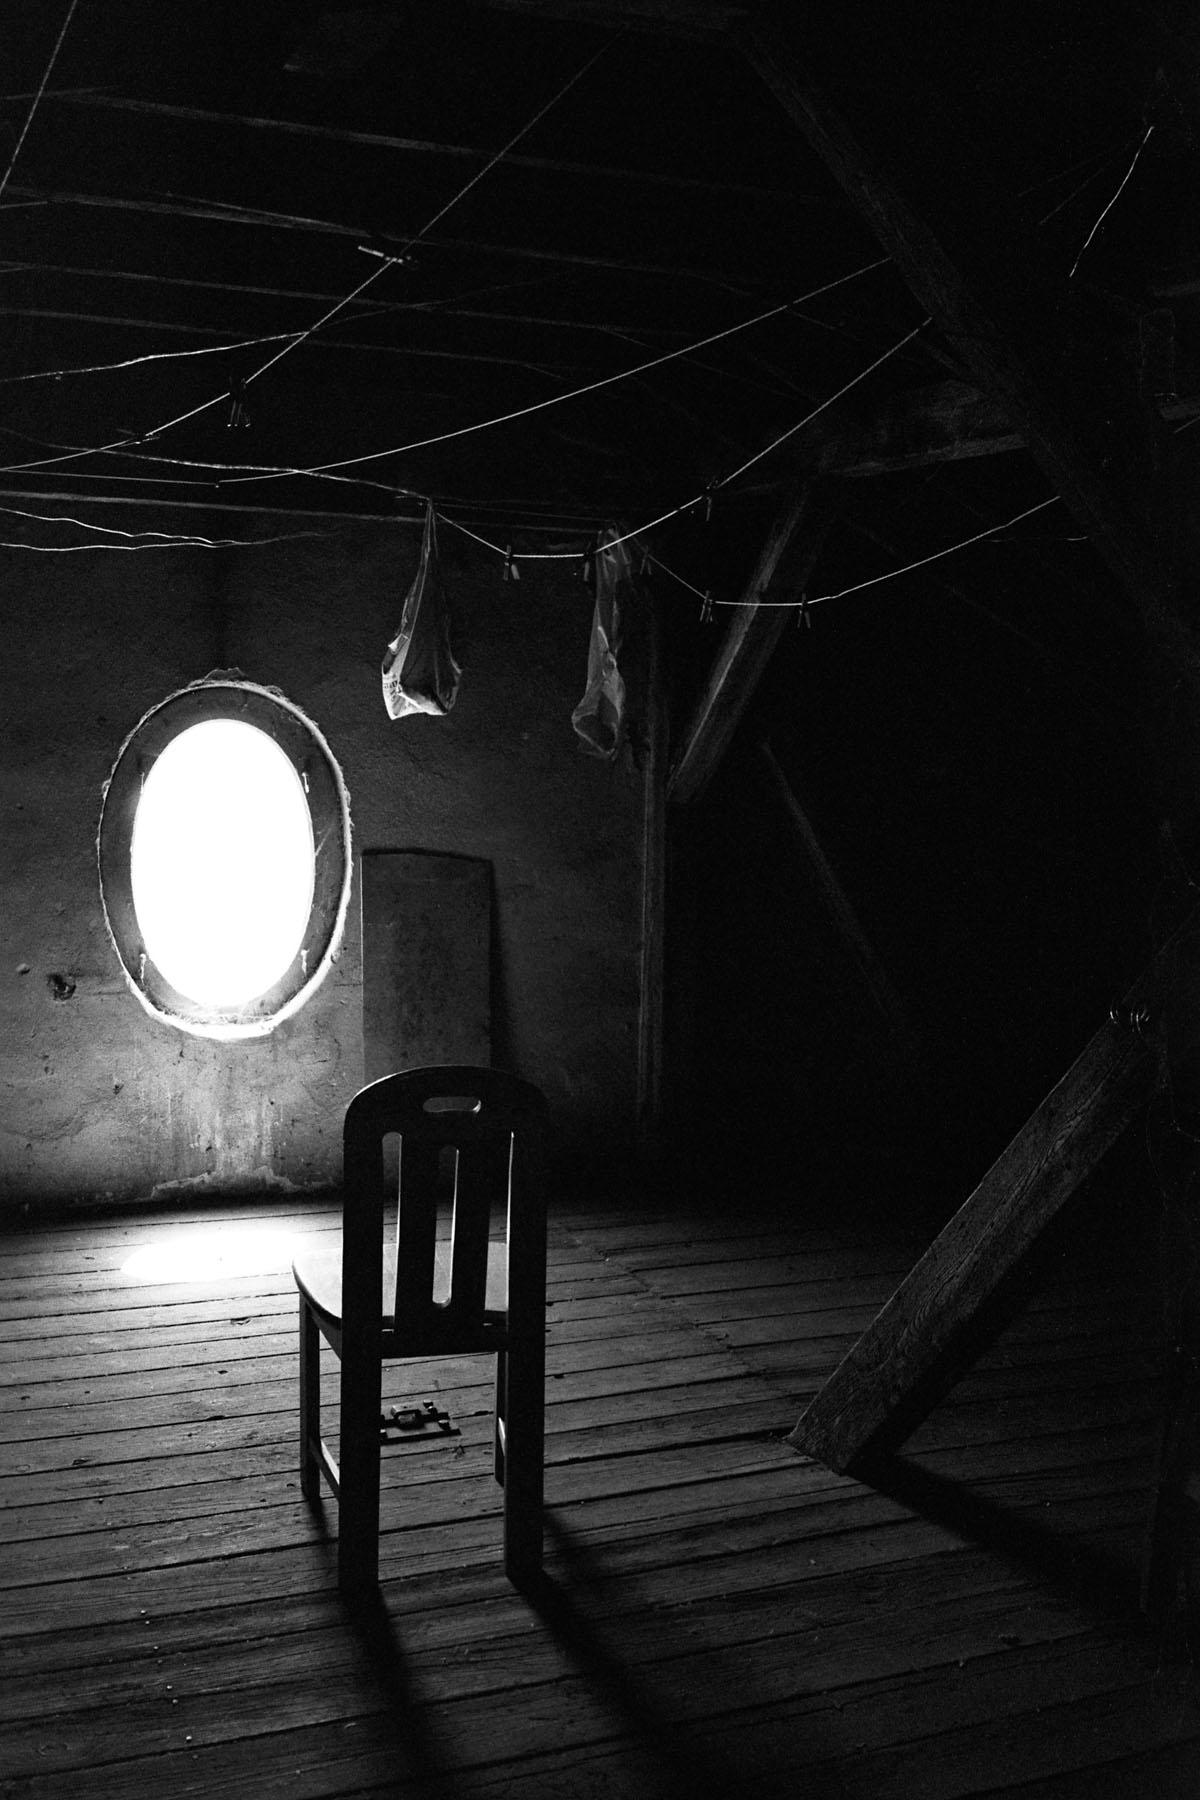 Untitled | Leica M6 | Zeiss C Biogon 35mm f2.8 | Kentmere 400| Caffenol CL | Lilly Schwartz